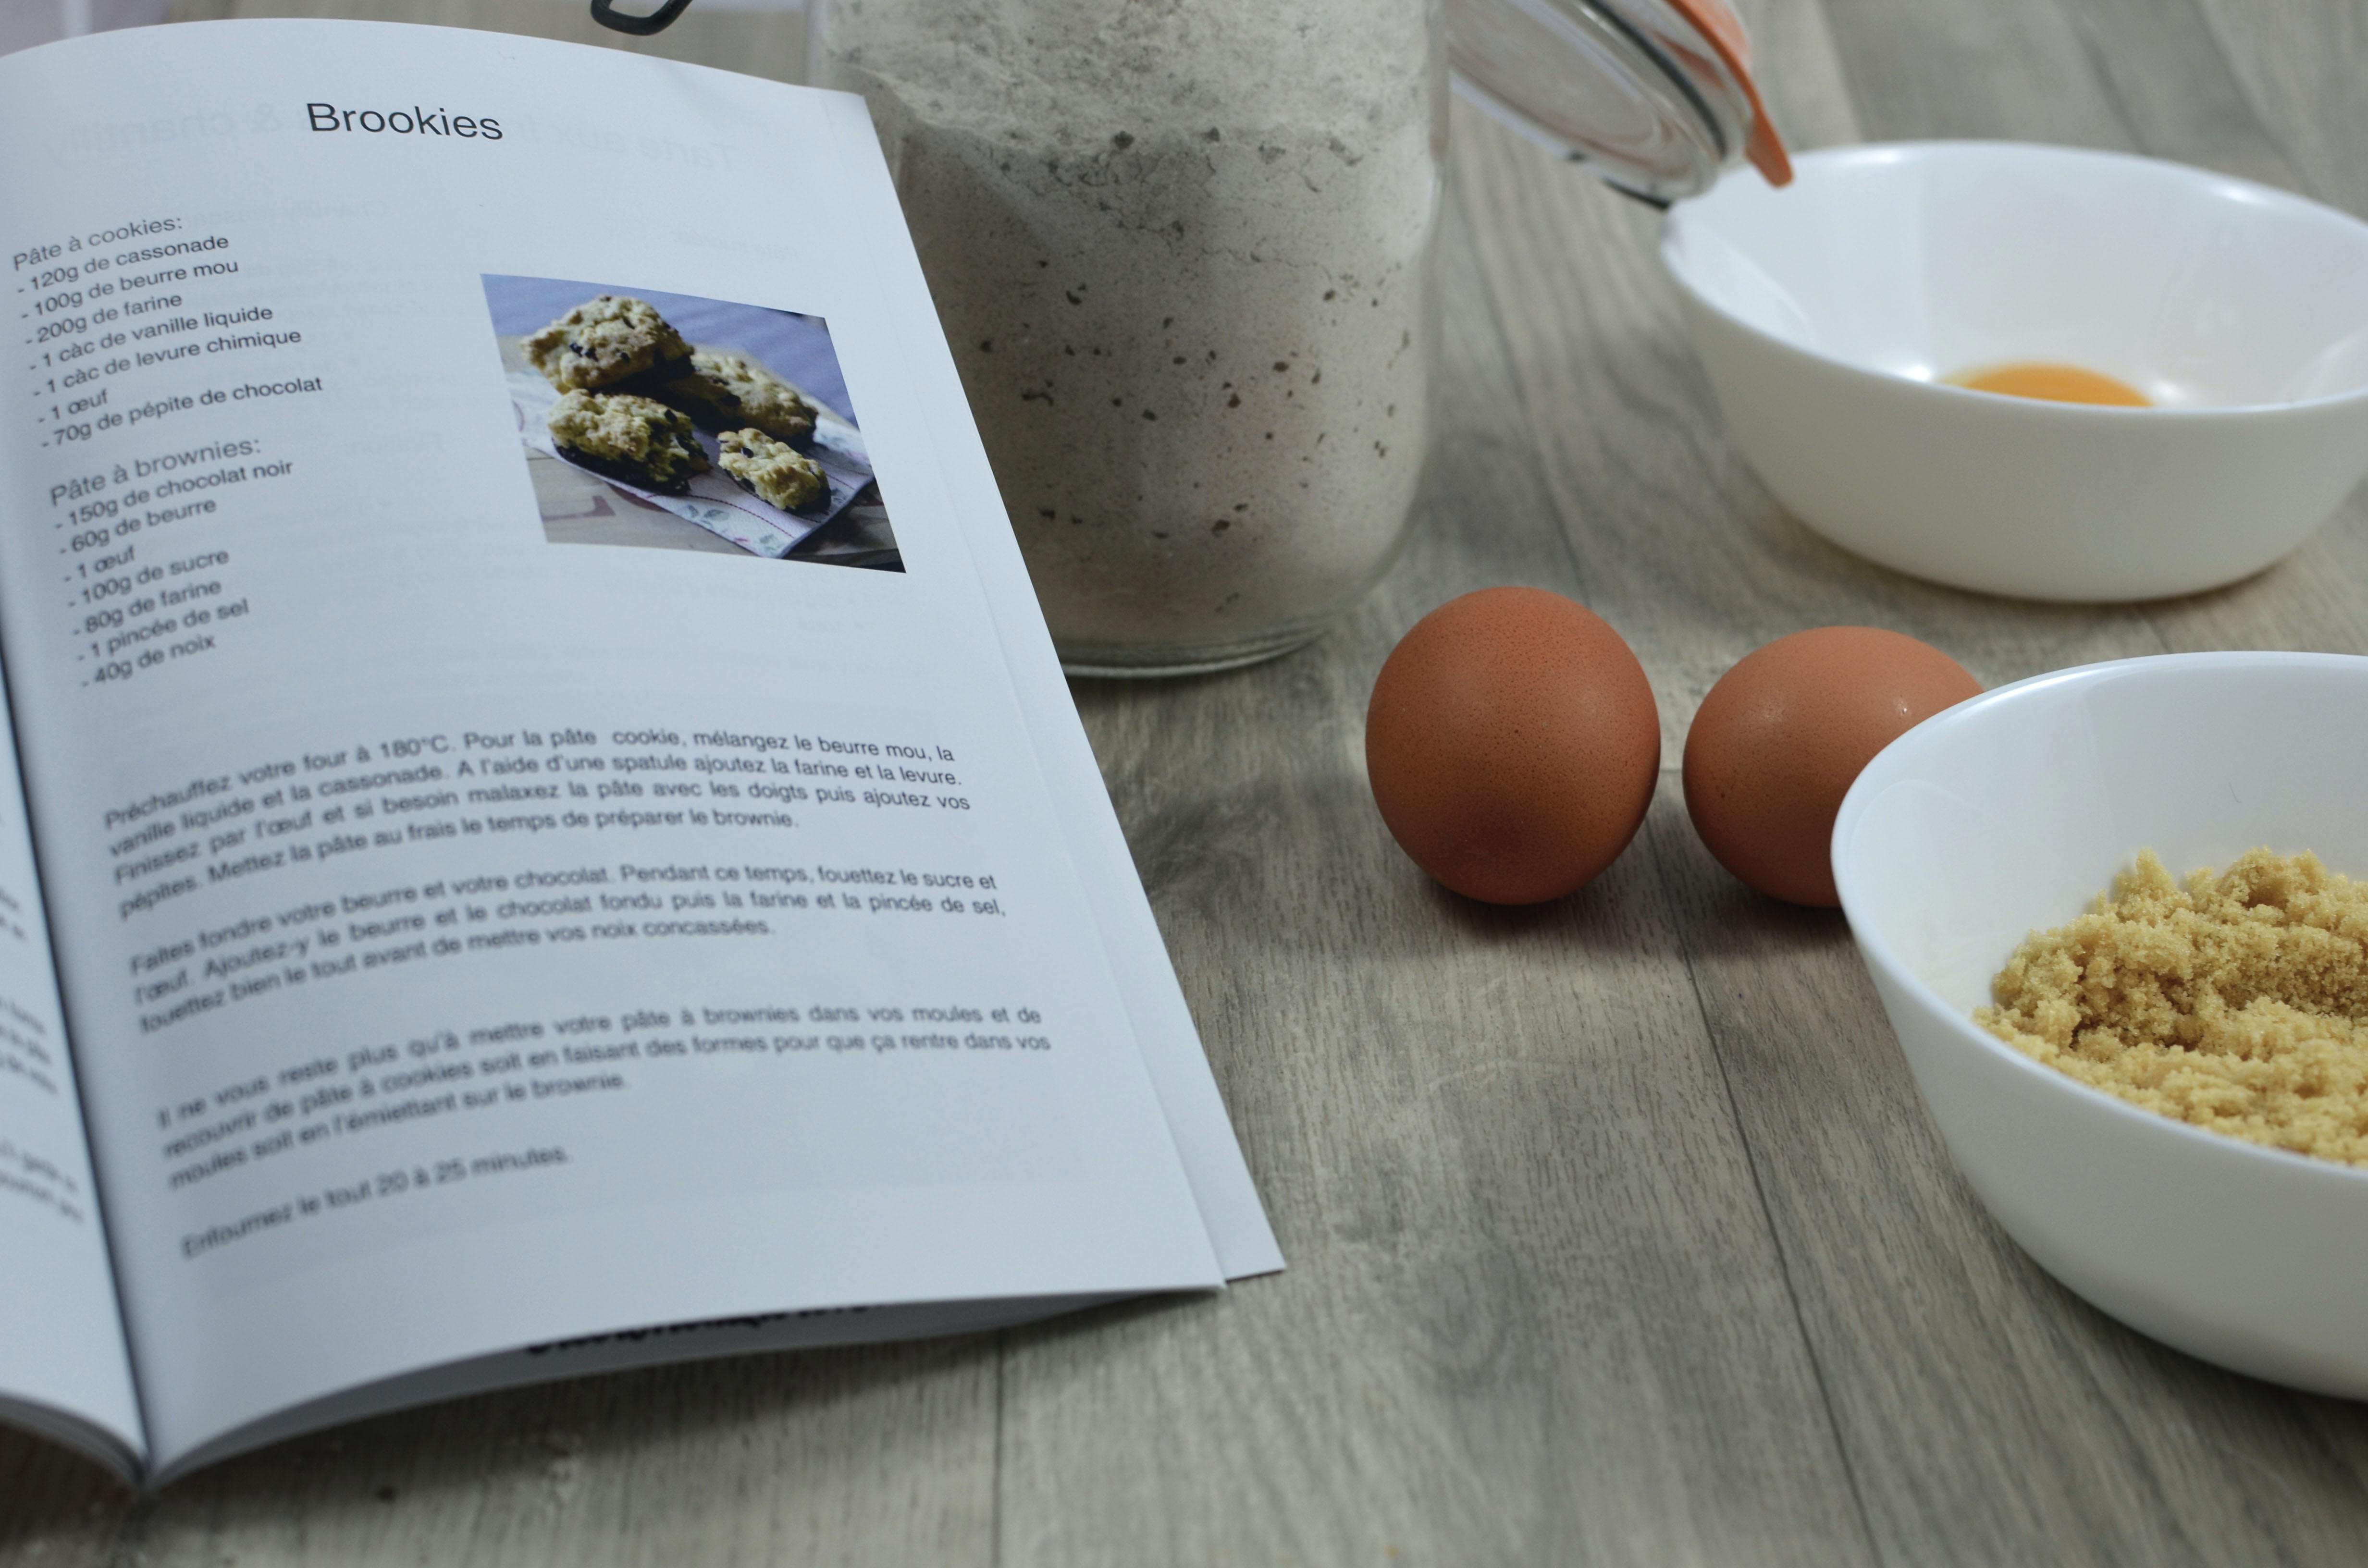 Créer Son Livre De Recette Avec Creermonlivrecom Quand Julie Patisse - Creer un livre de recette de cuisine